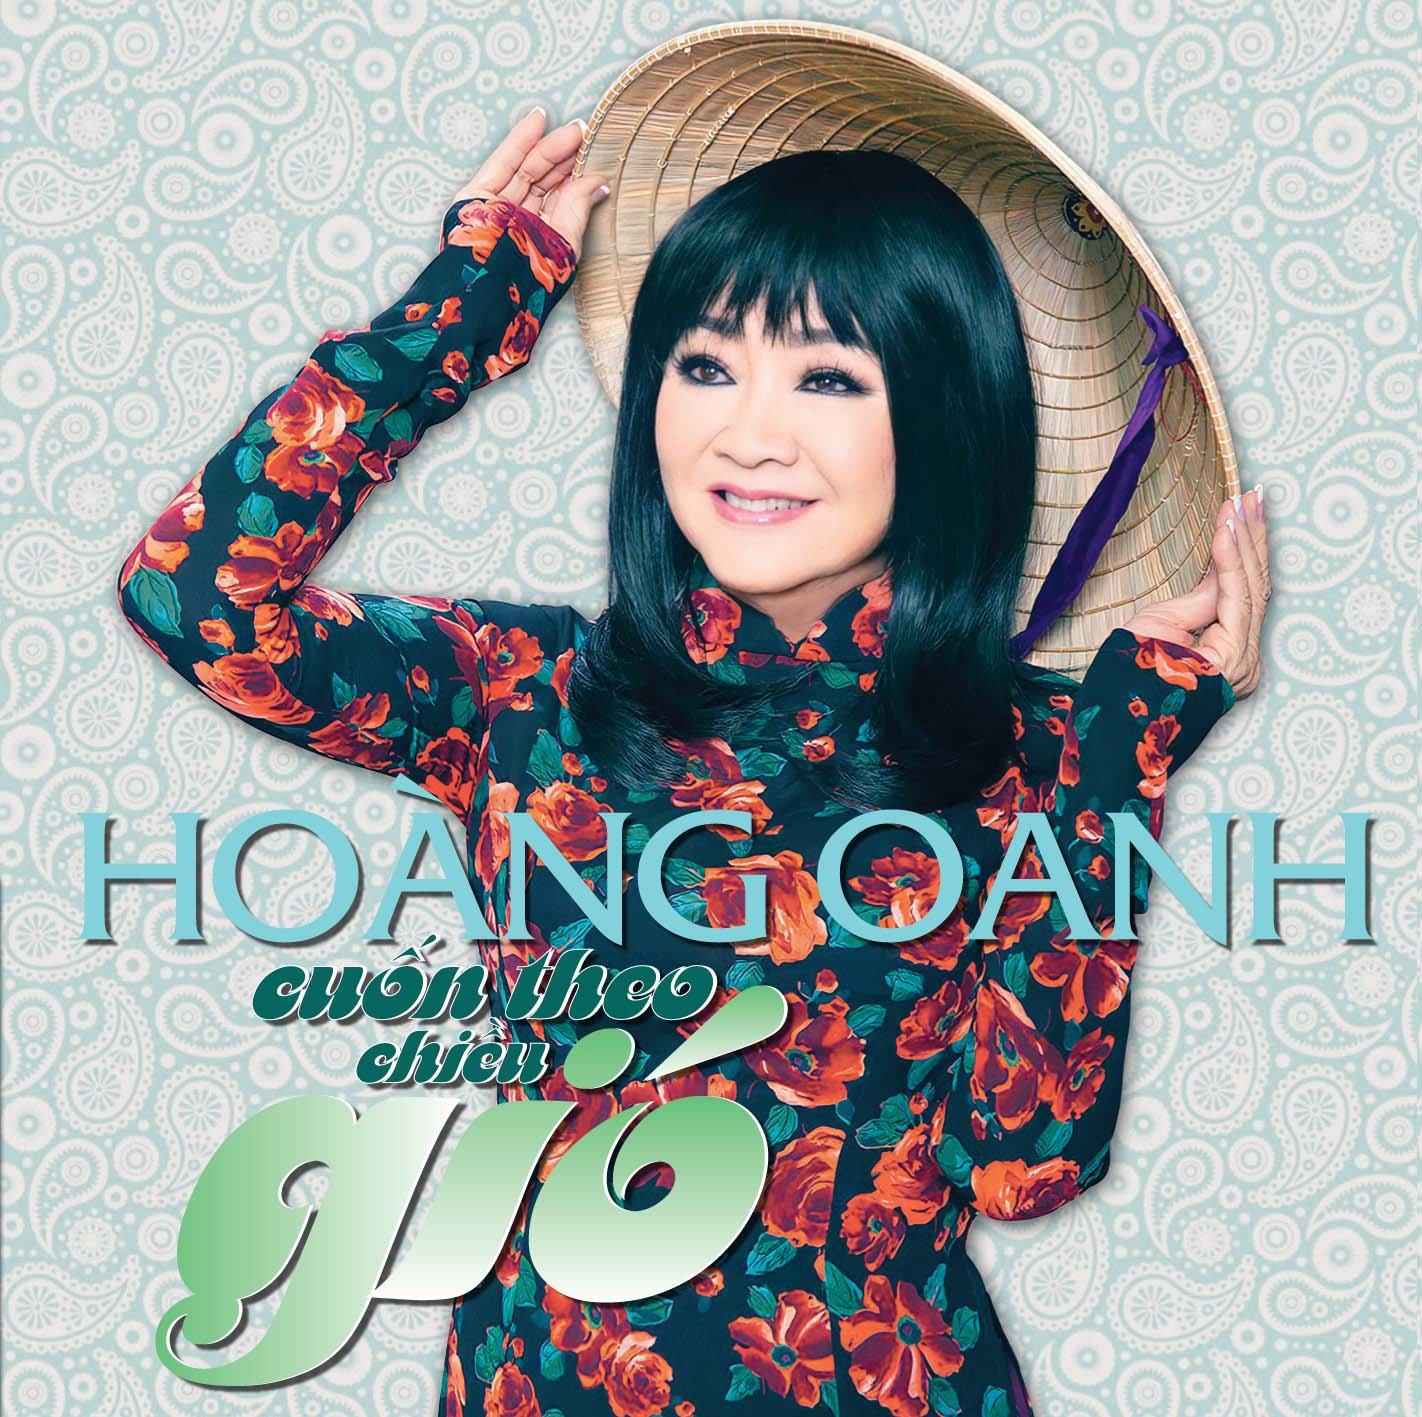 CD Cuốn Theo Chiều Gió